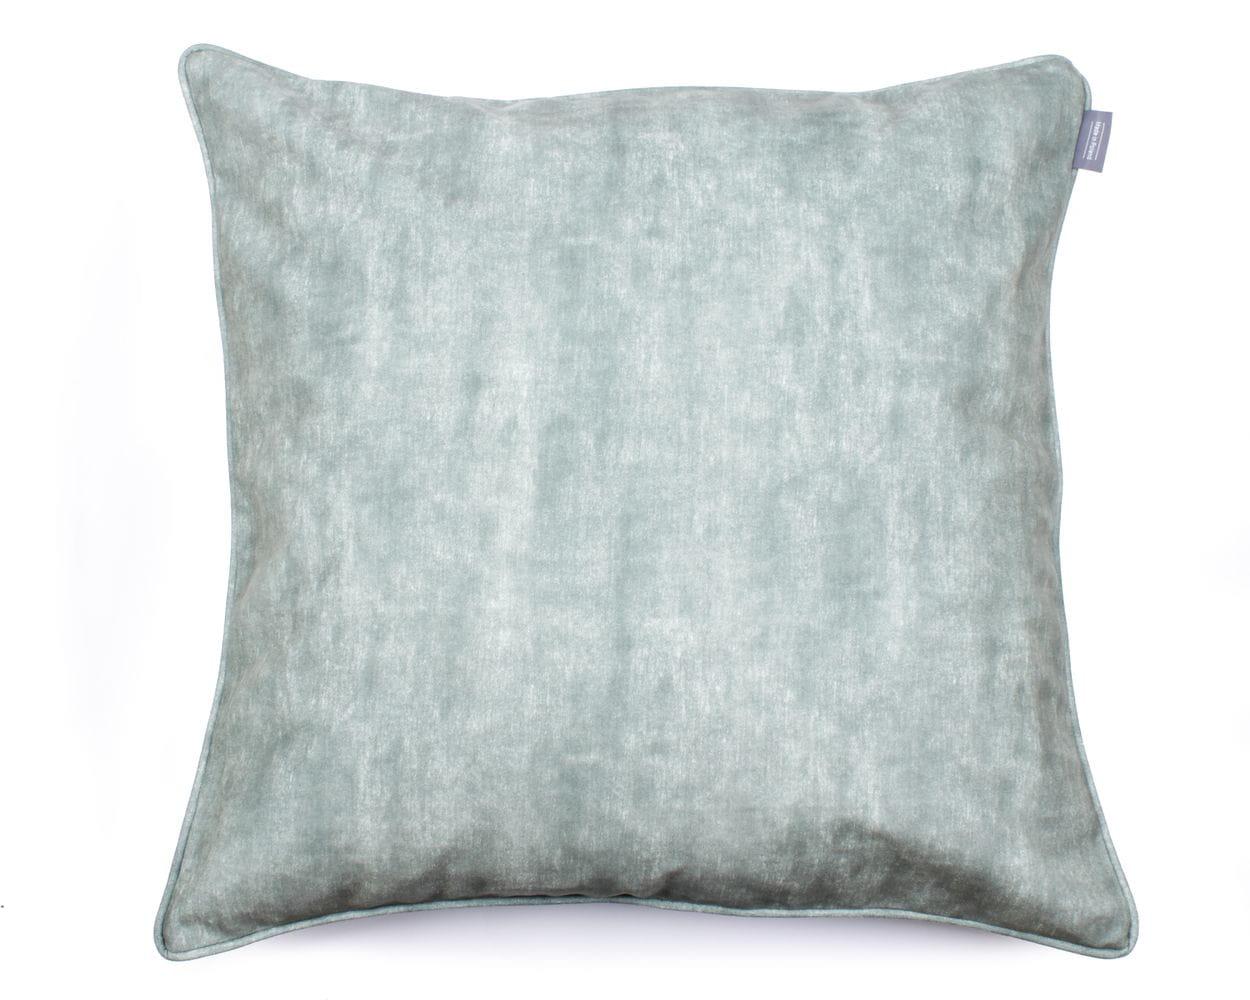 Poduszka dekoracyjna Grass 60x60 cm - We Love Candles&We Love Beds